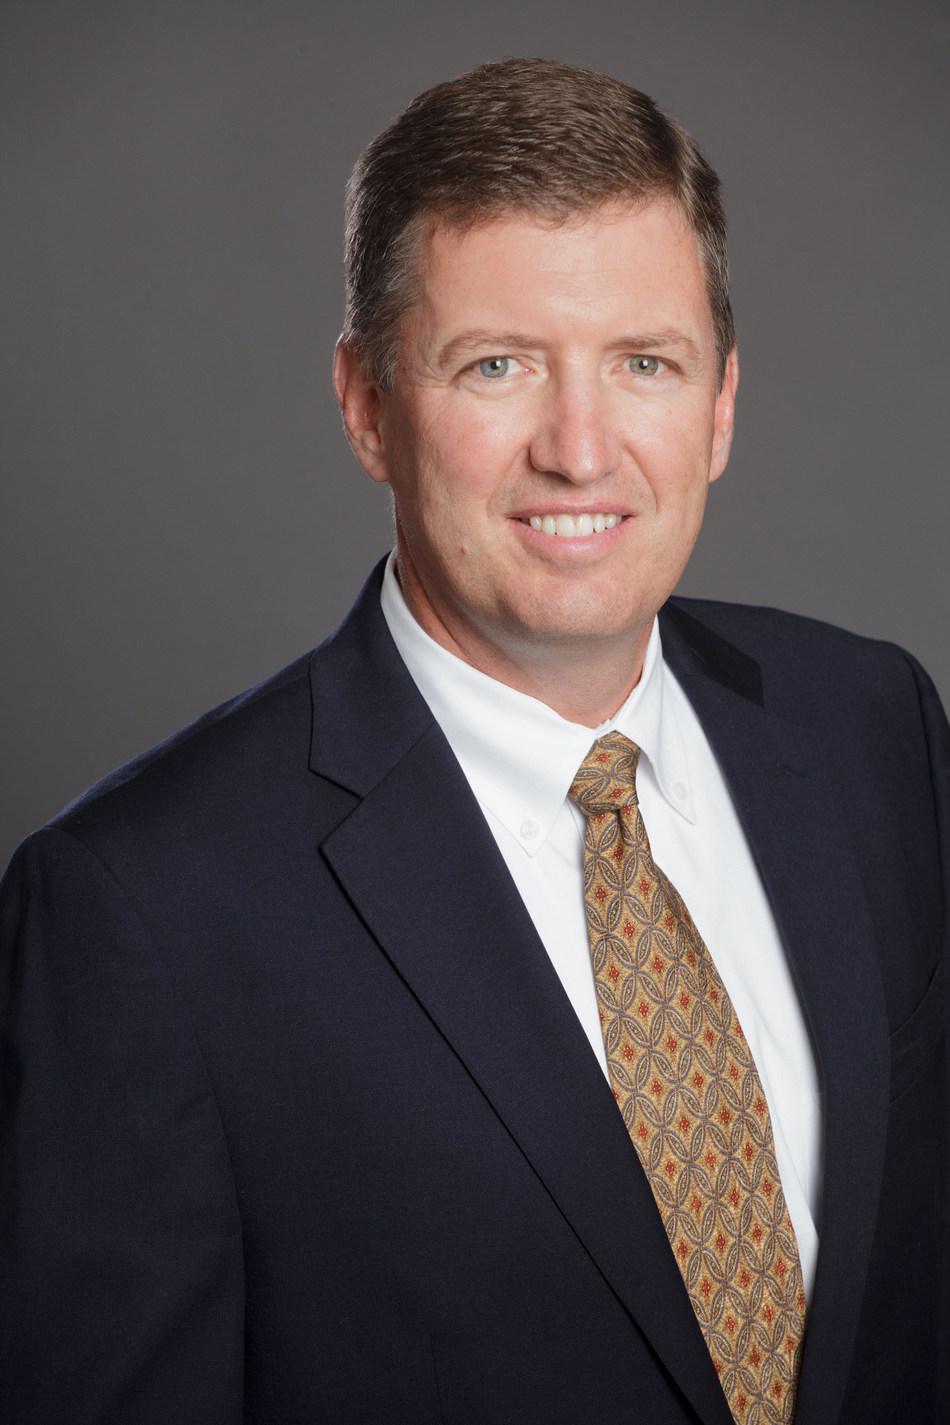 Timothy Walters, CIO